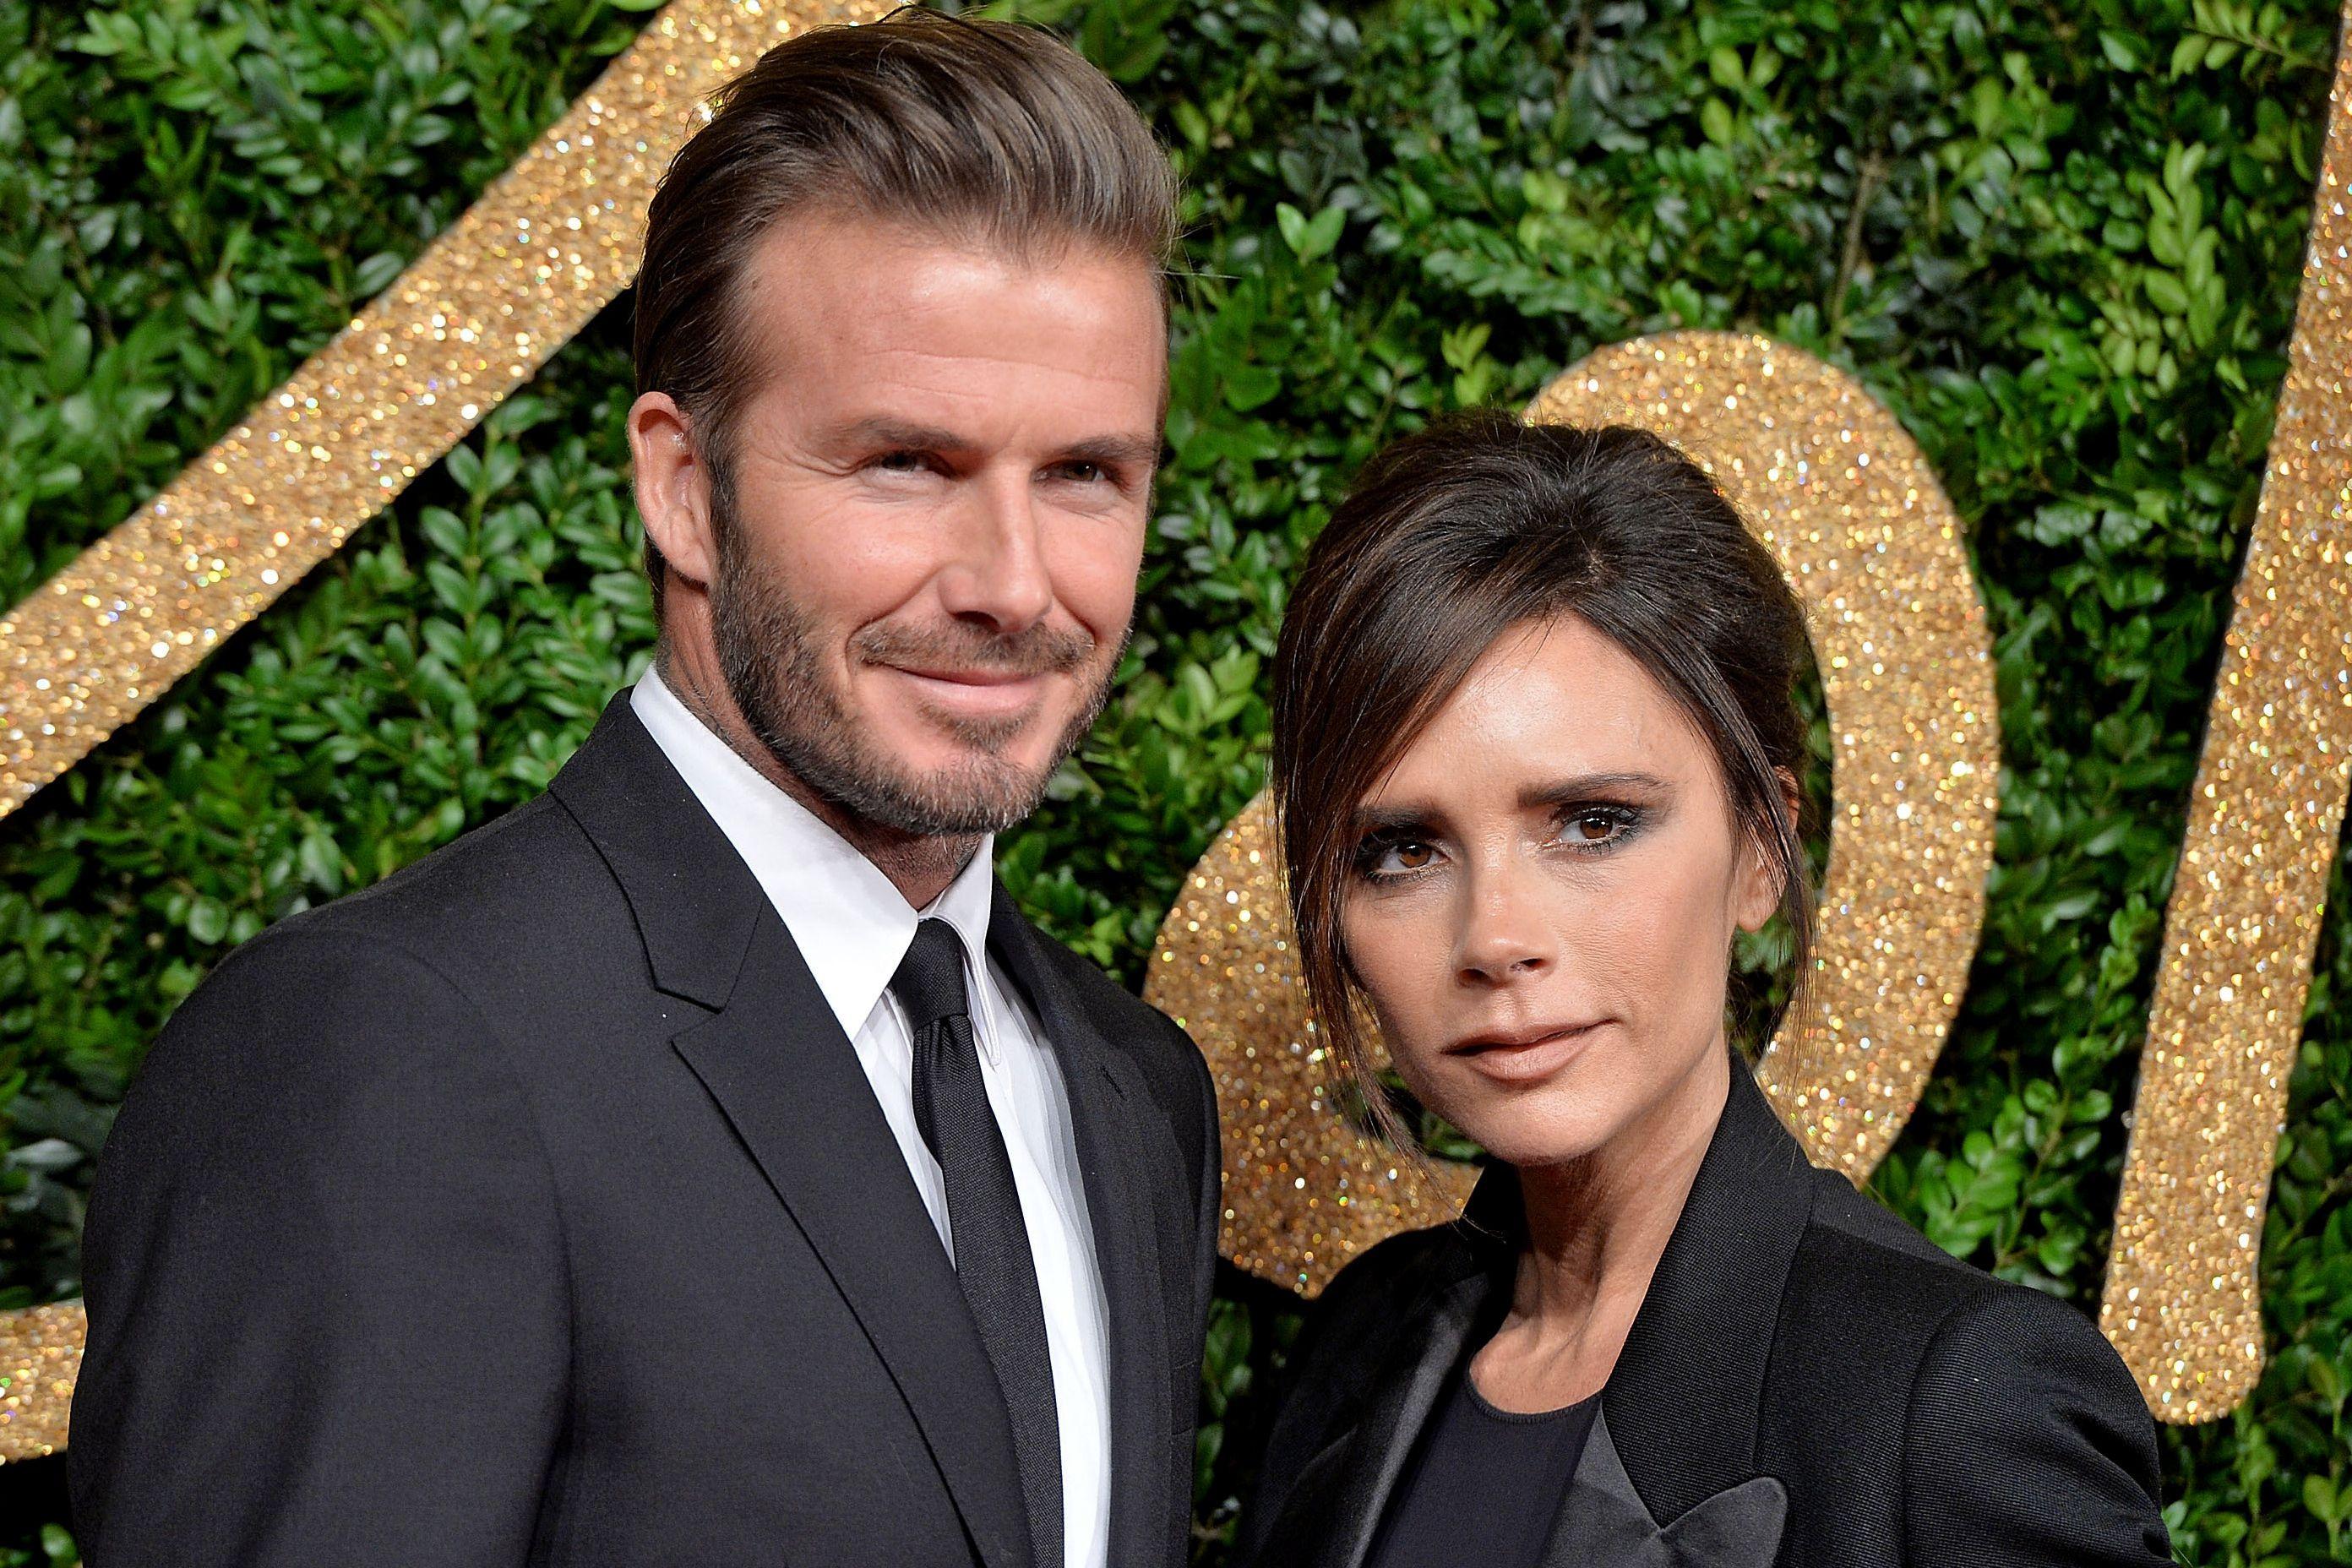 David Beckham mimou as suas duas meninas no Dia dos Namorados